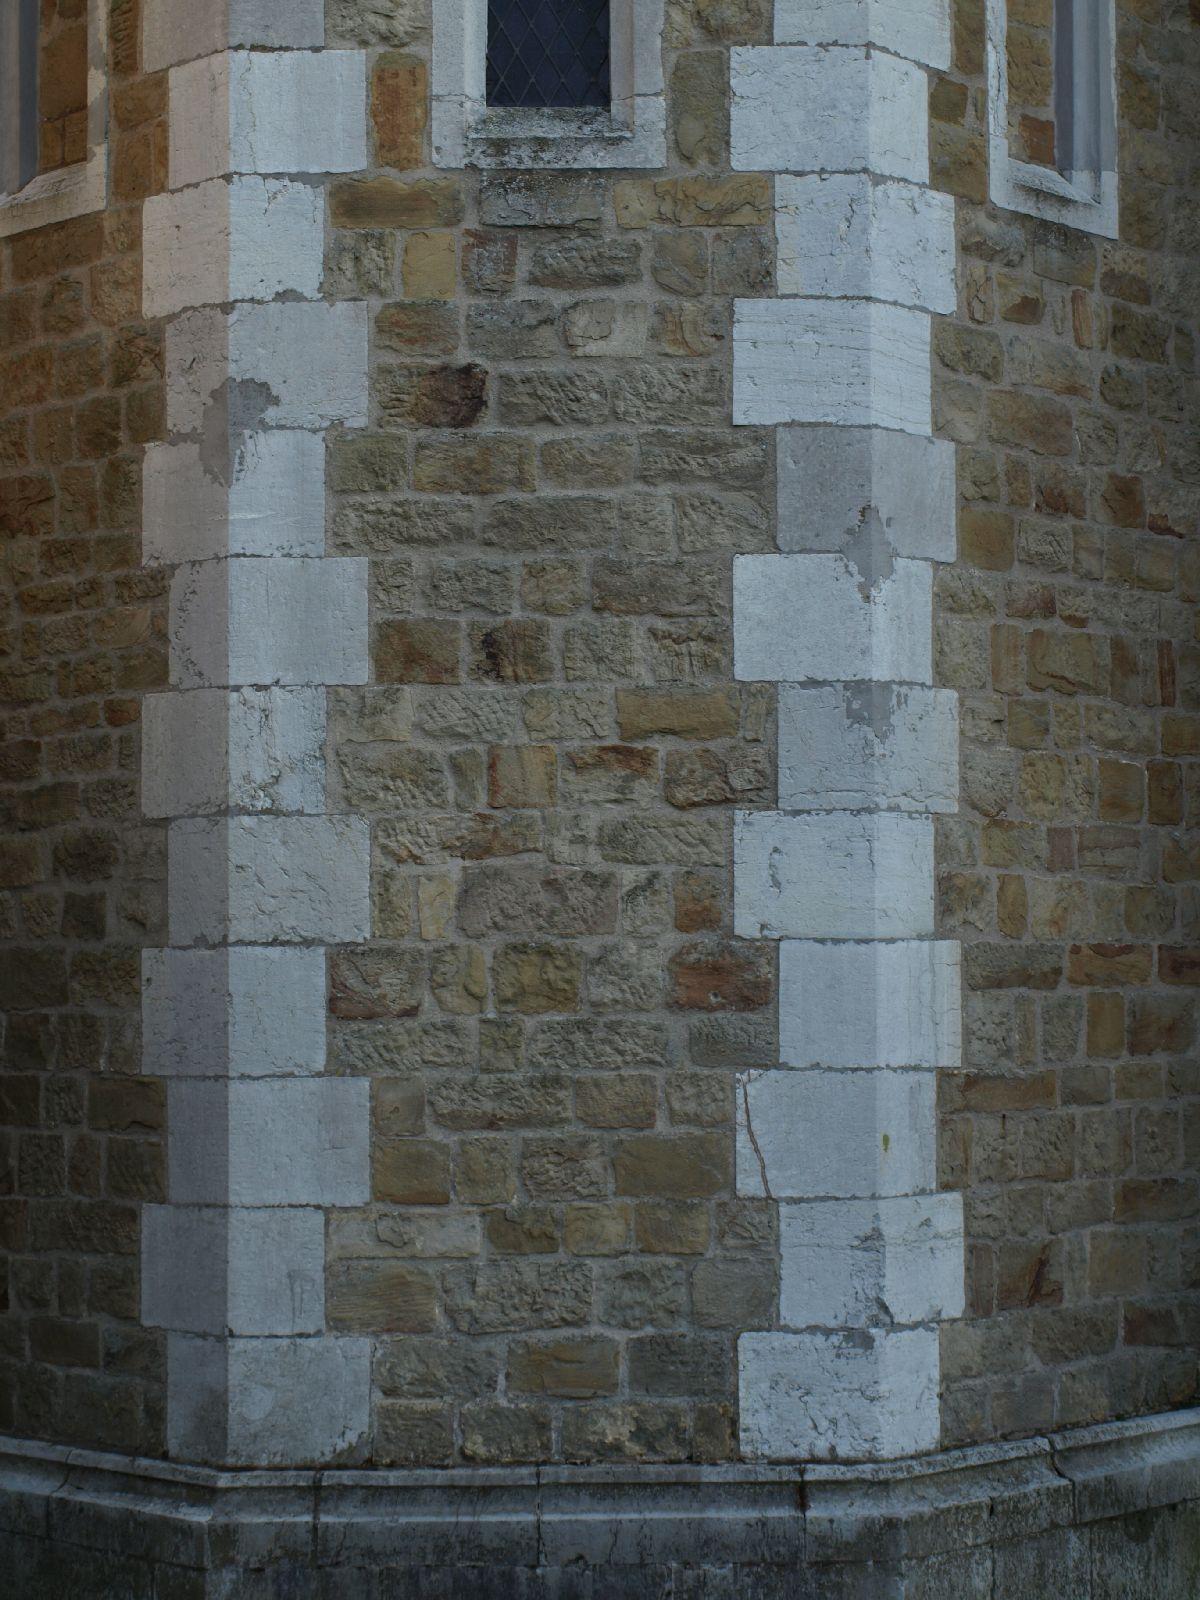 Brick_Texture_A_P5122694